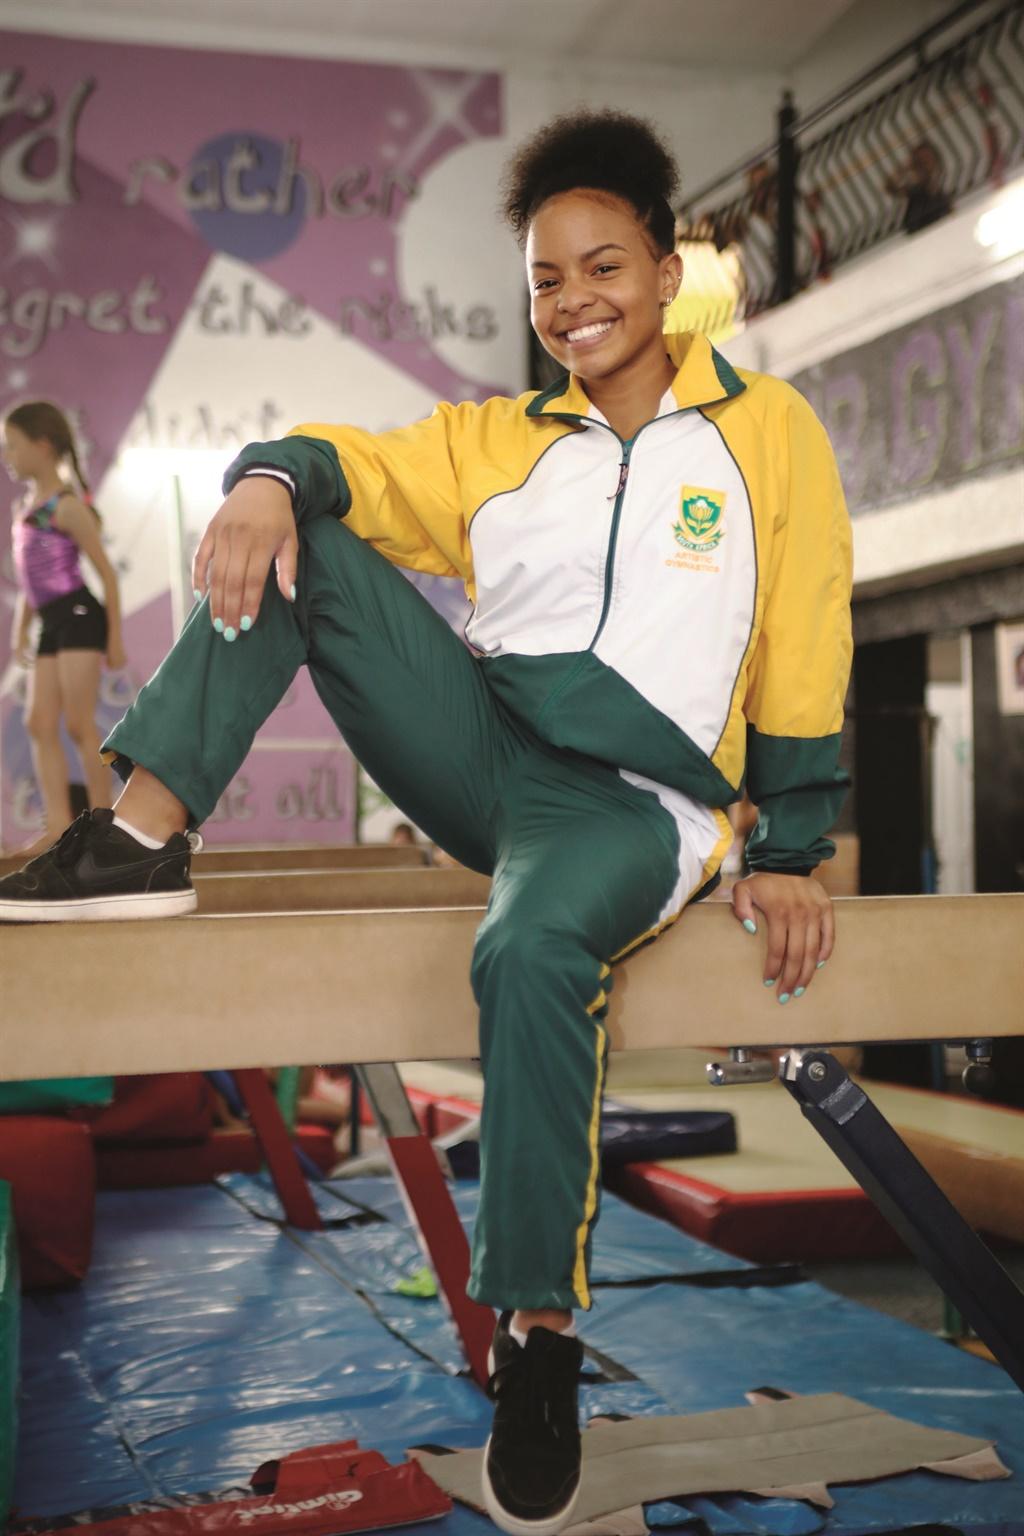 Suid-Afrika se gimnastieksensasie, Caitlin Rooskra